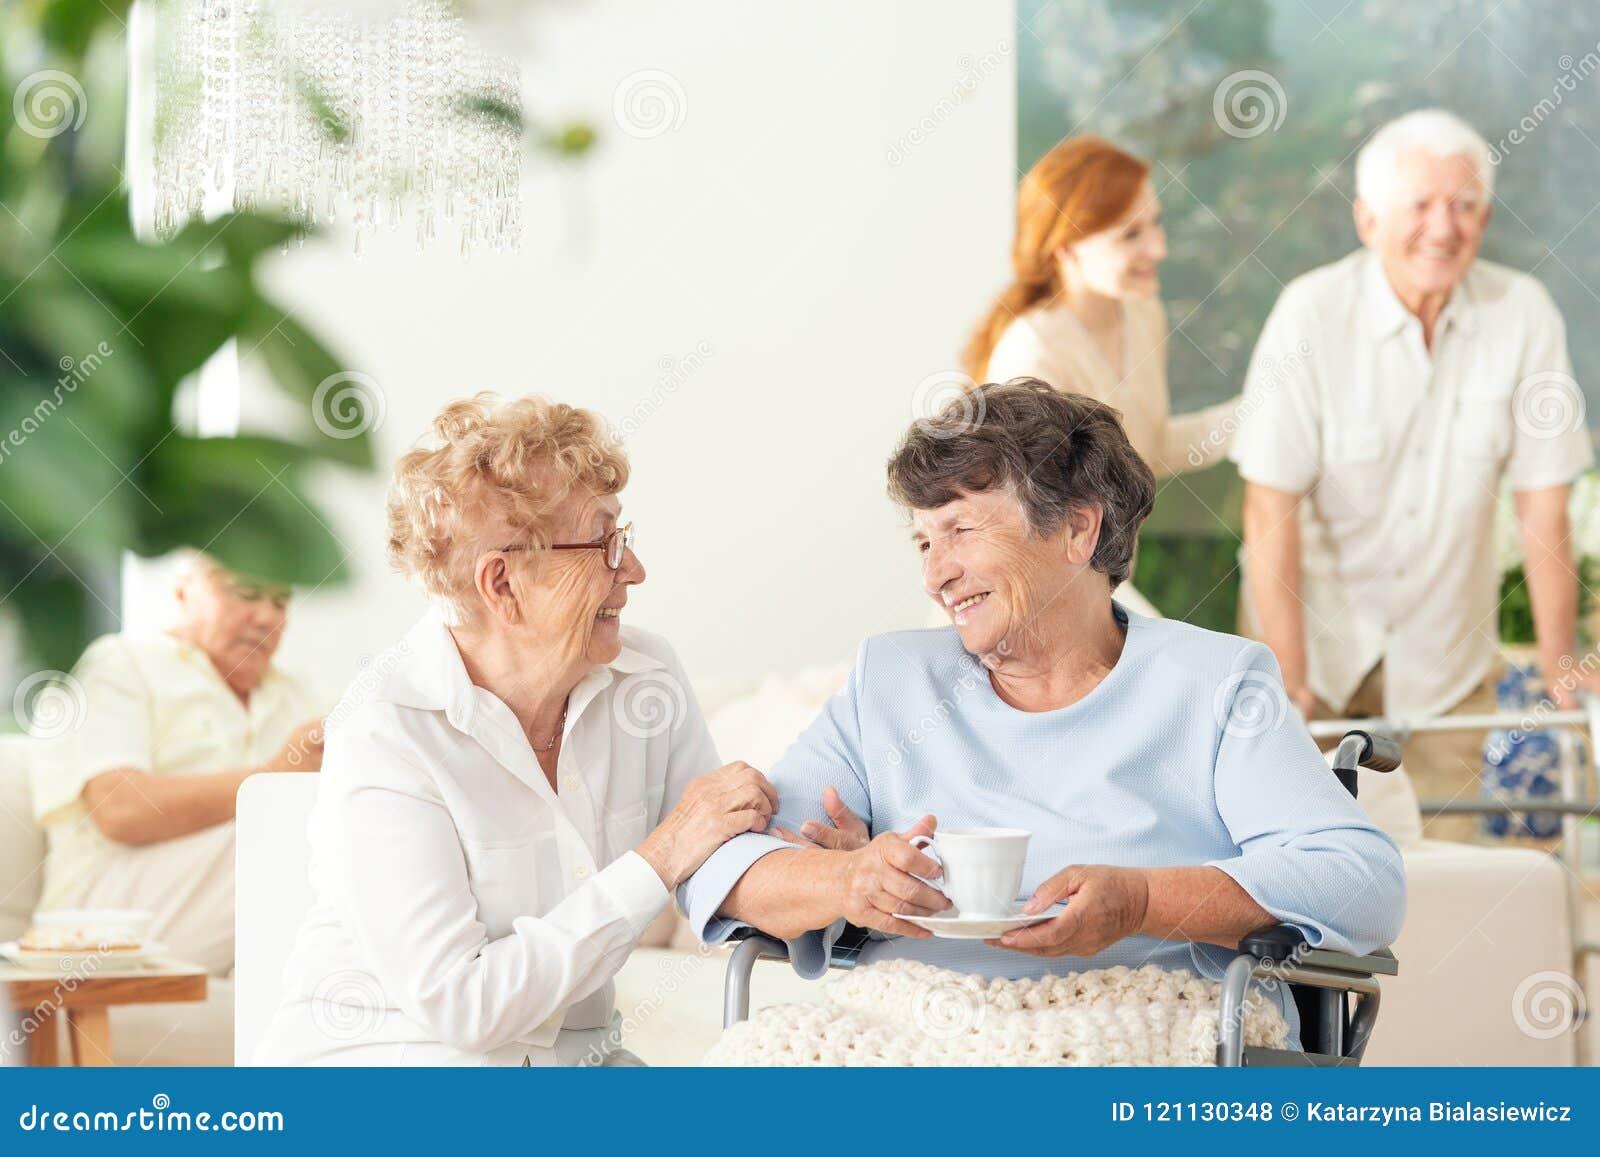 Μπροστινή άποψη δύο ευτυχών γηριατρικών γυναικών που μιλούν και που κρατούν το χέρι